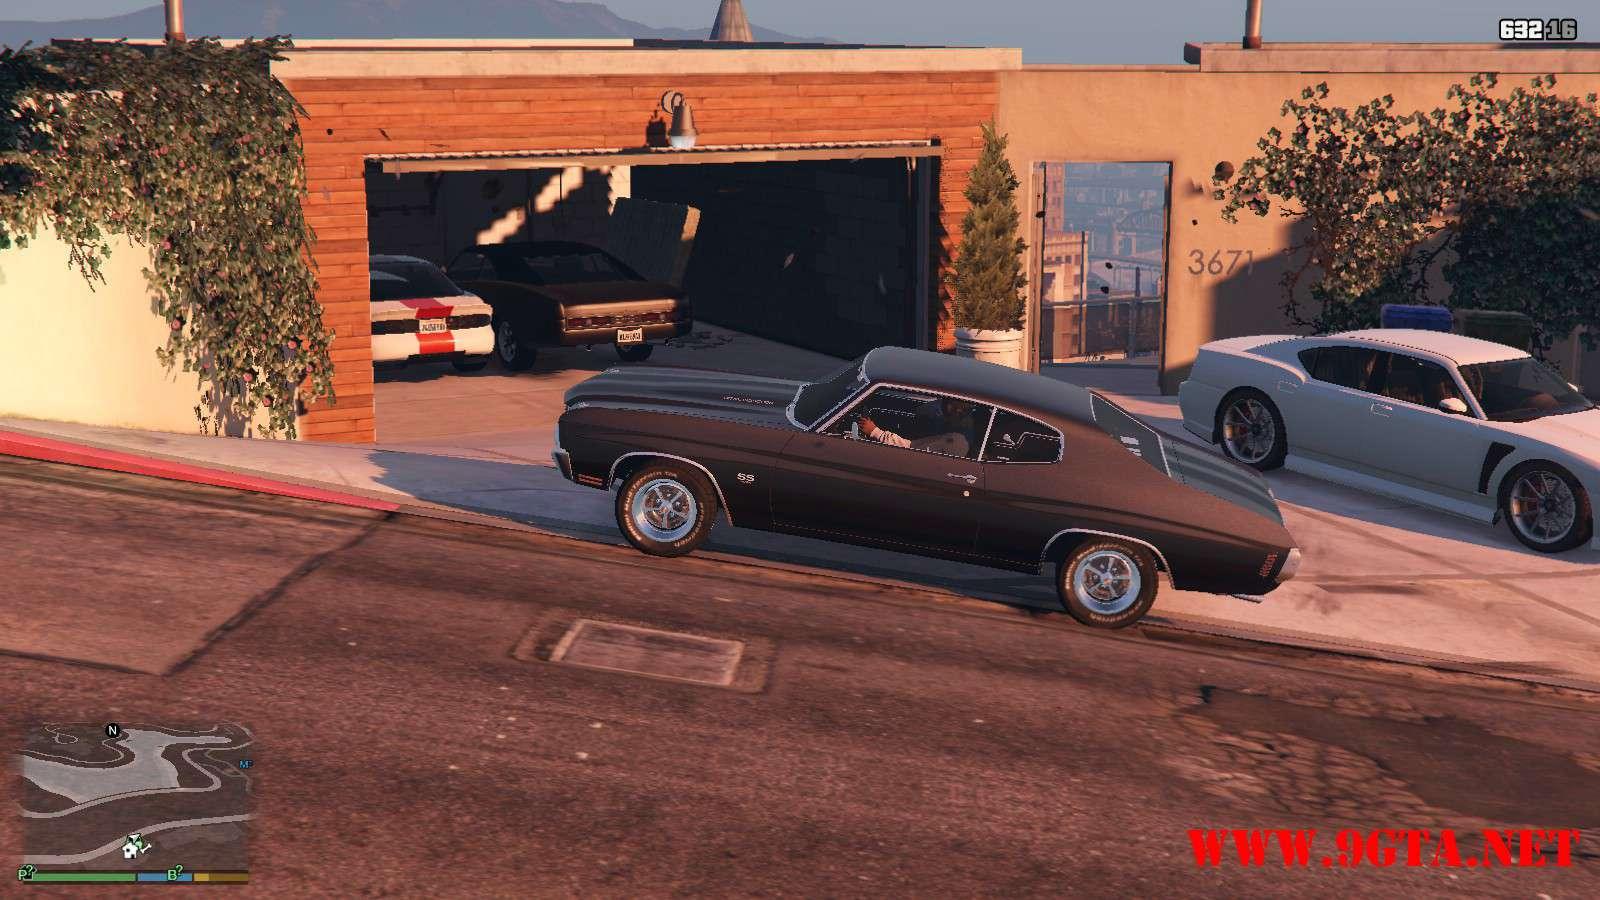 Chevrolet Chevelle SS v1.1 GTA5 Mods (20)